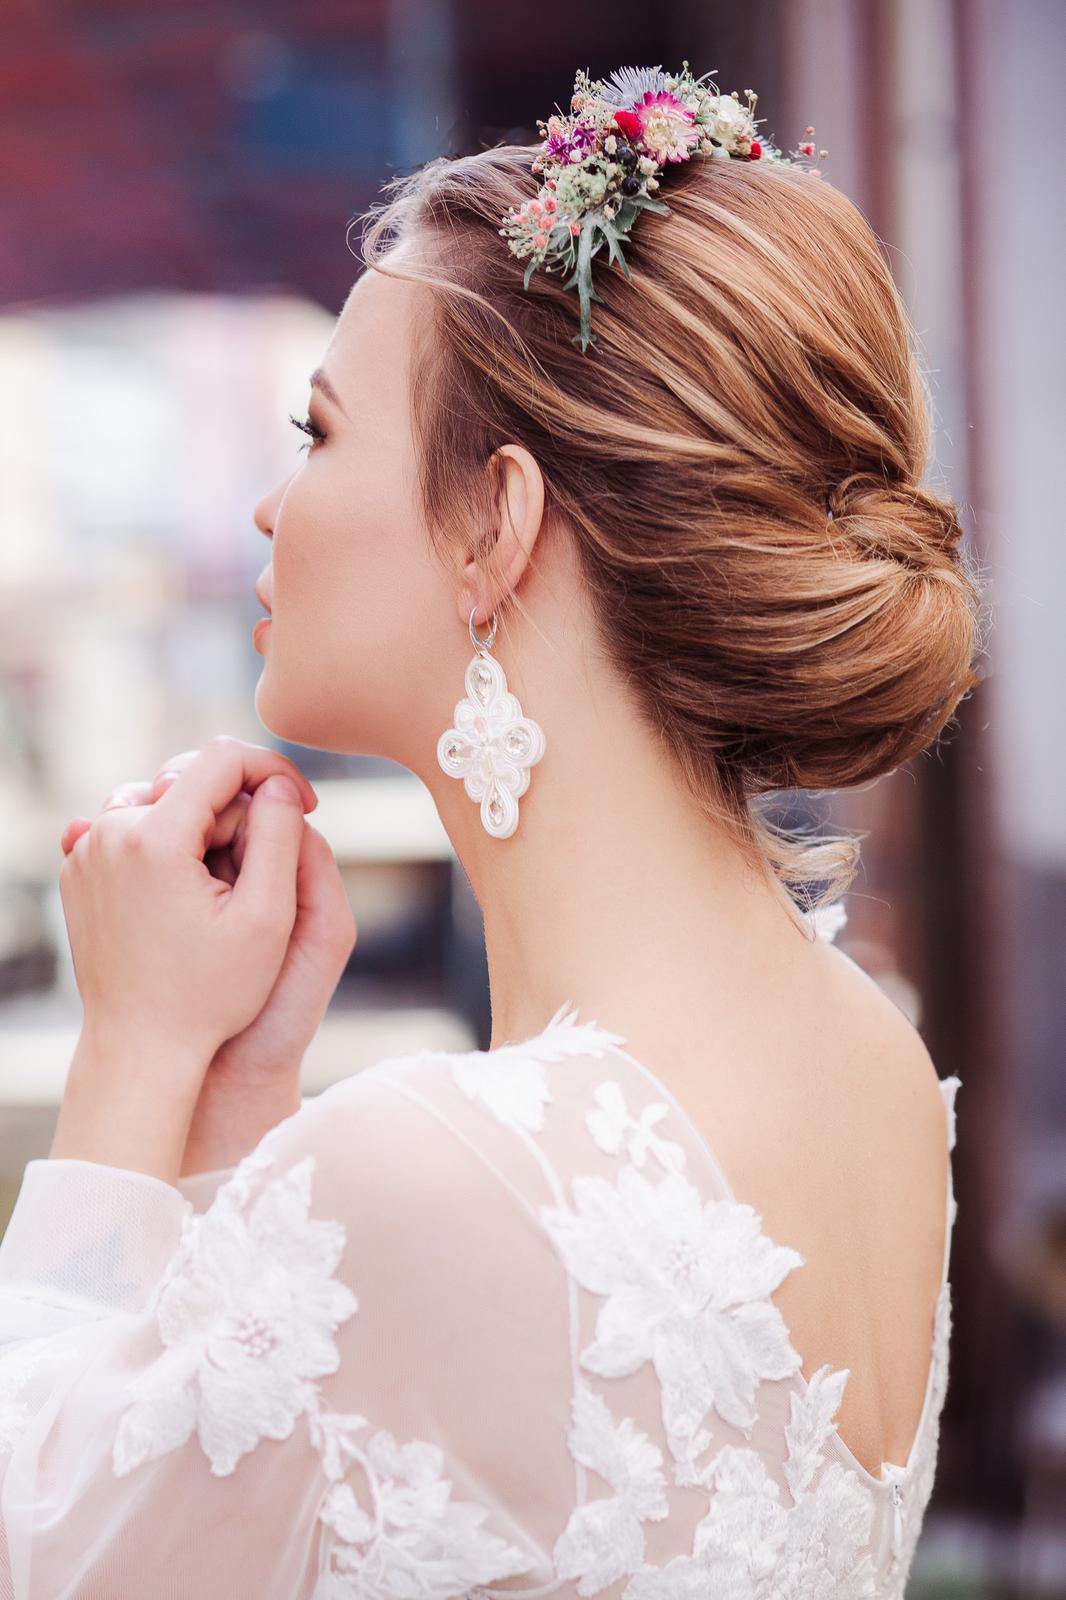 @kikira Ahoj, som svadobná... - Obrázok č. 1